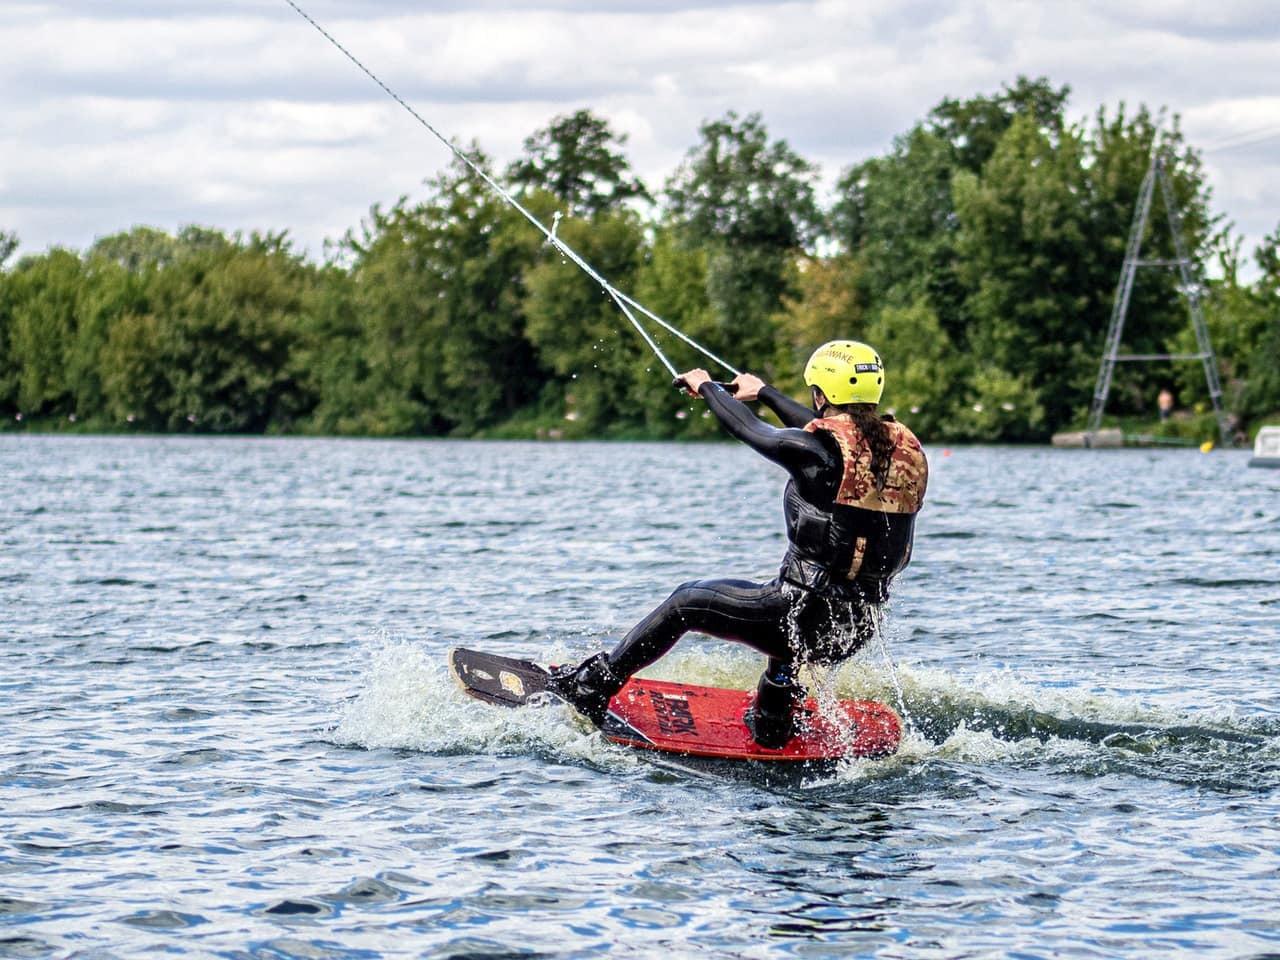 極速滑水|船P不可分割海上活動推介,讓你玩轉盛夏|Kama Delivery到會外賣服務